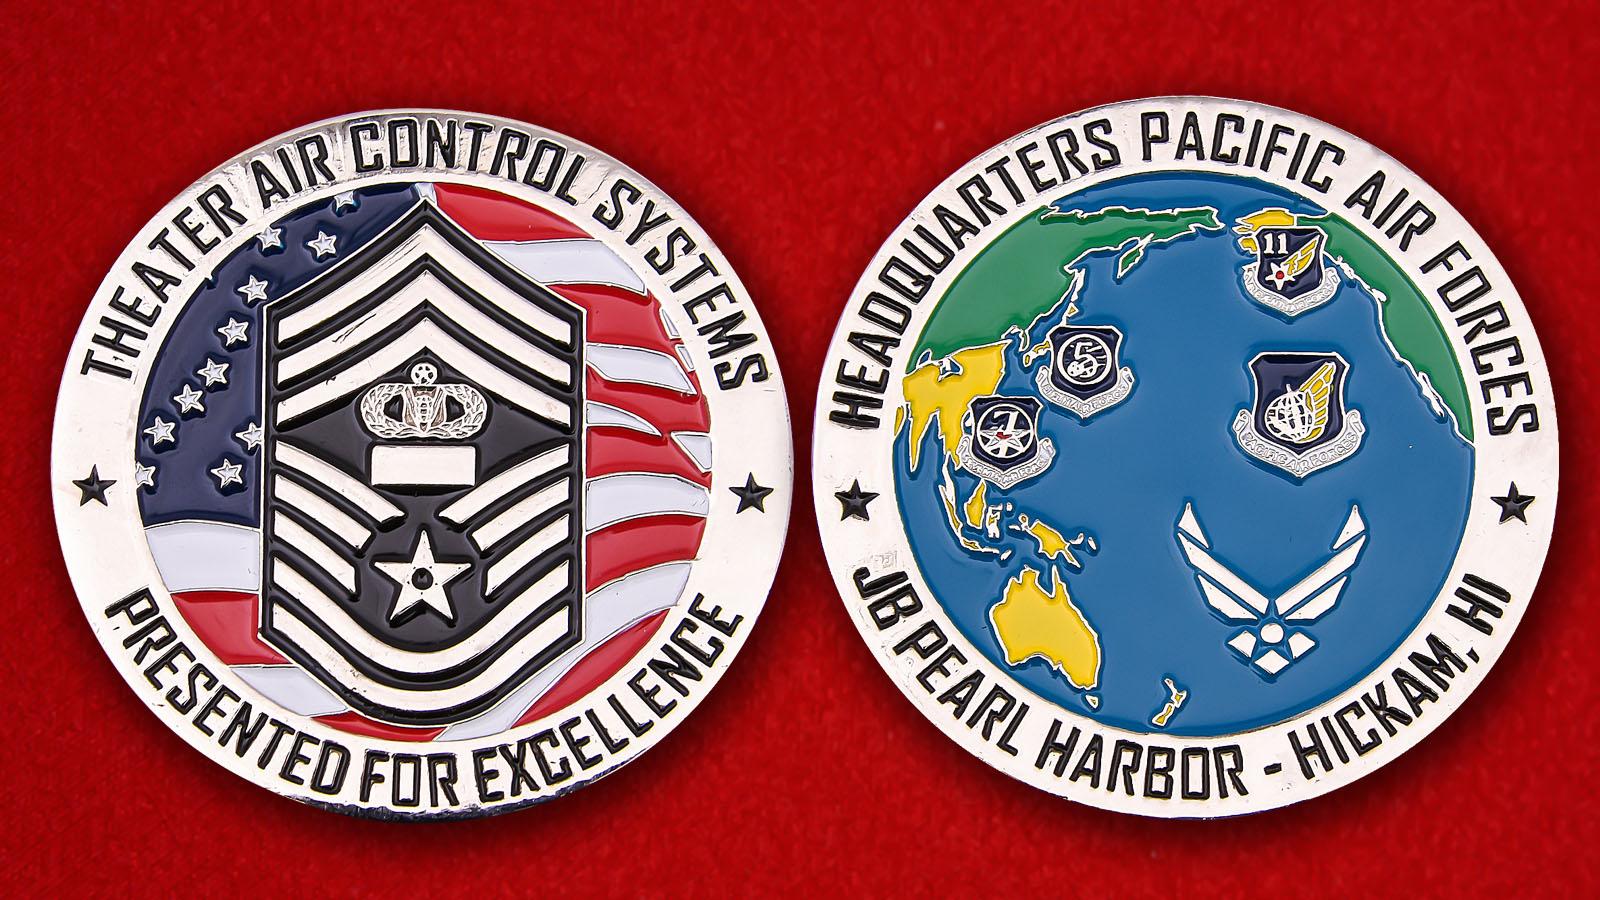 Челлендж коин сотрудников центра управления полетами штаба Тихооканского командования ВВС США